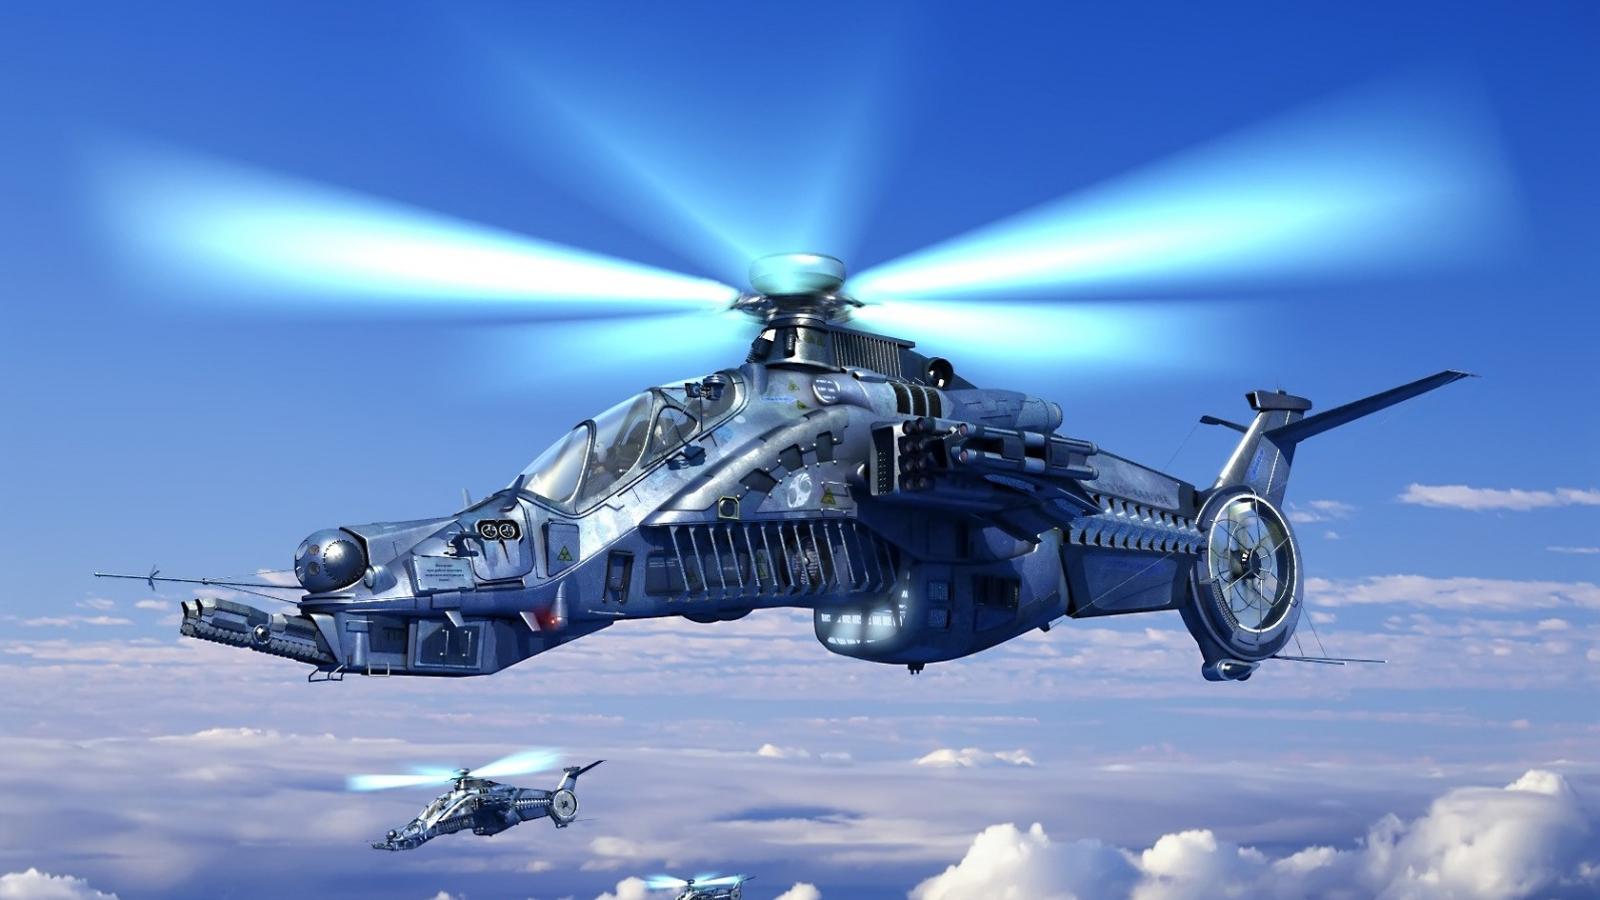 Helicóptero de videojuegos - 1600x900